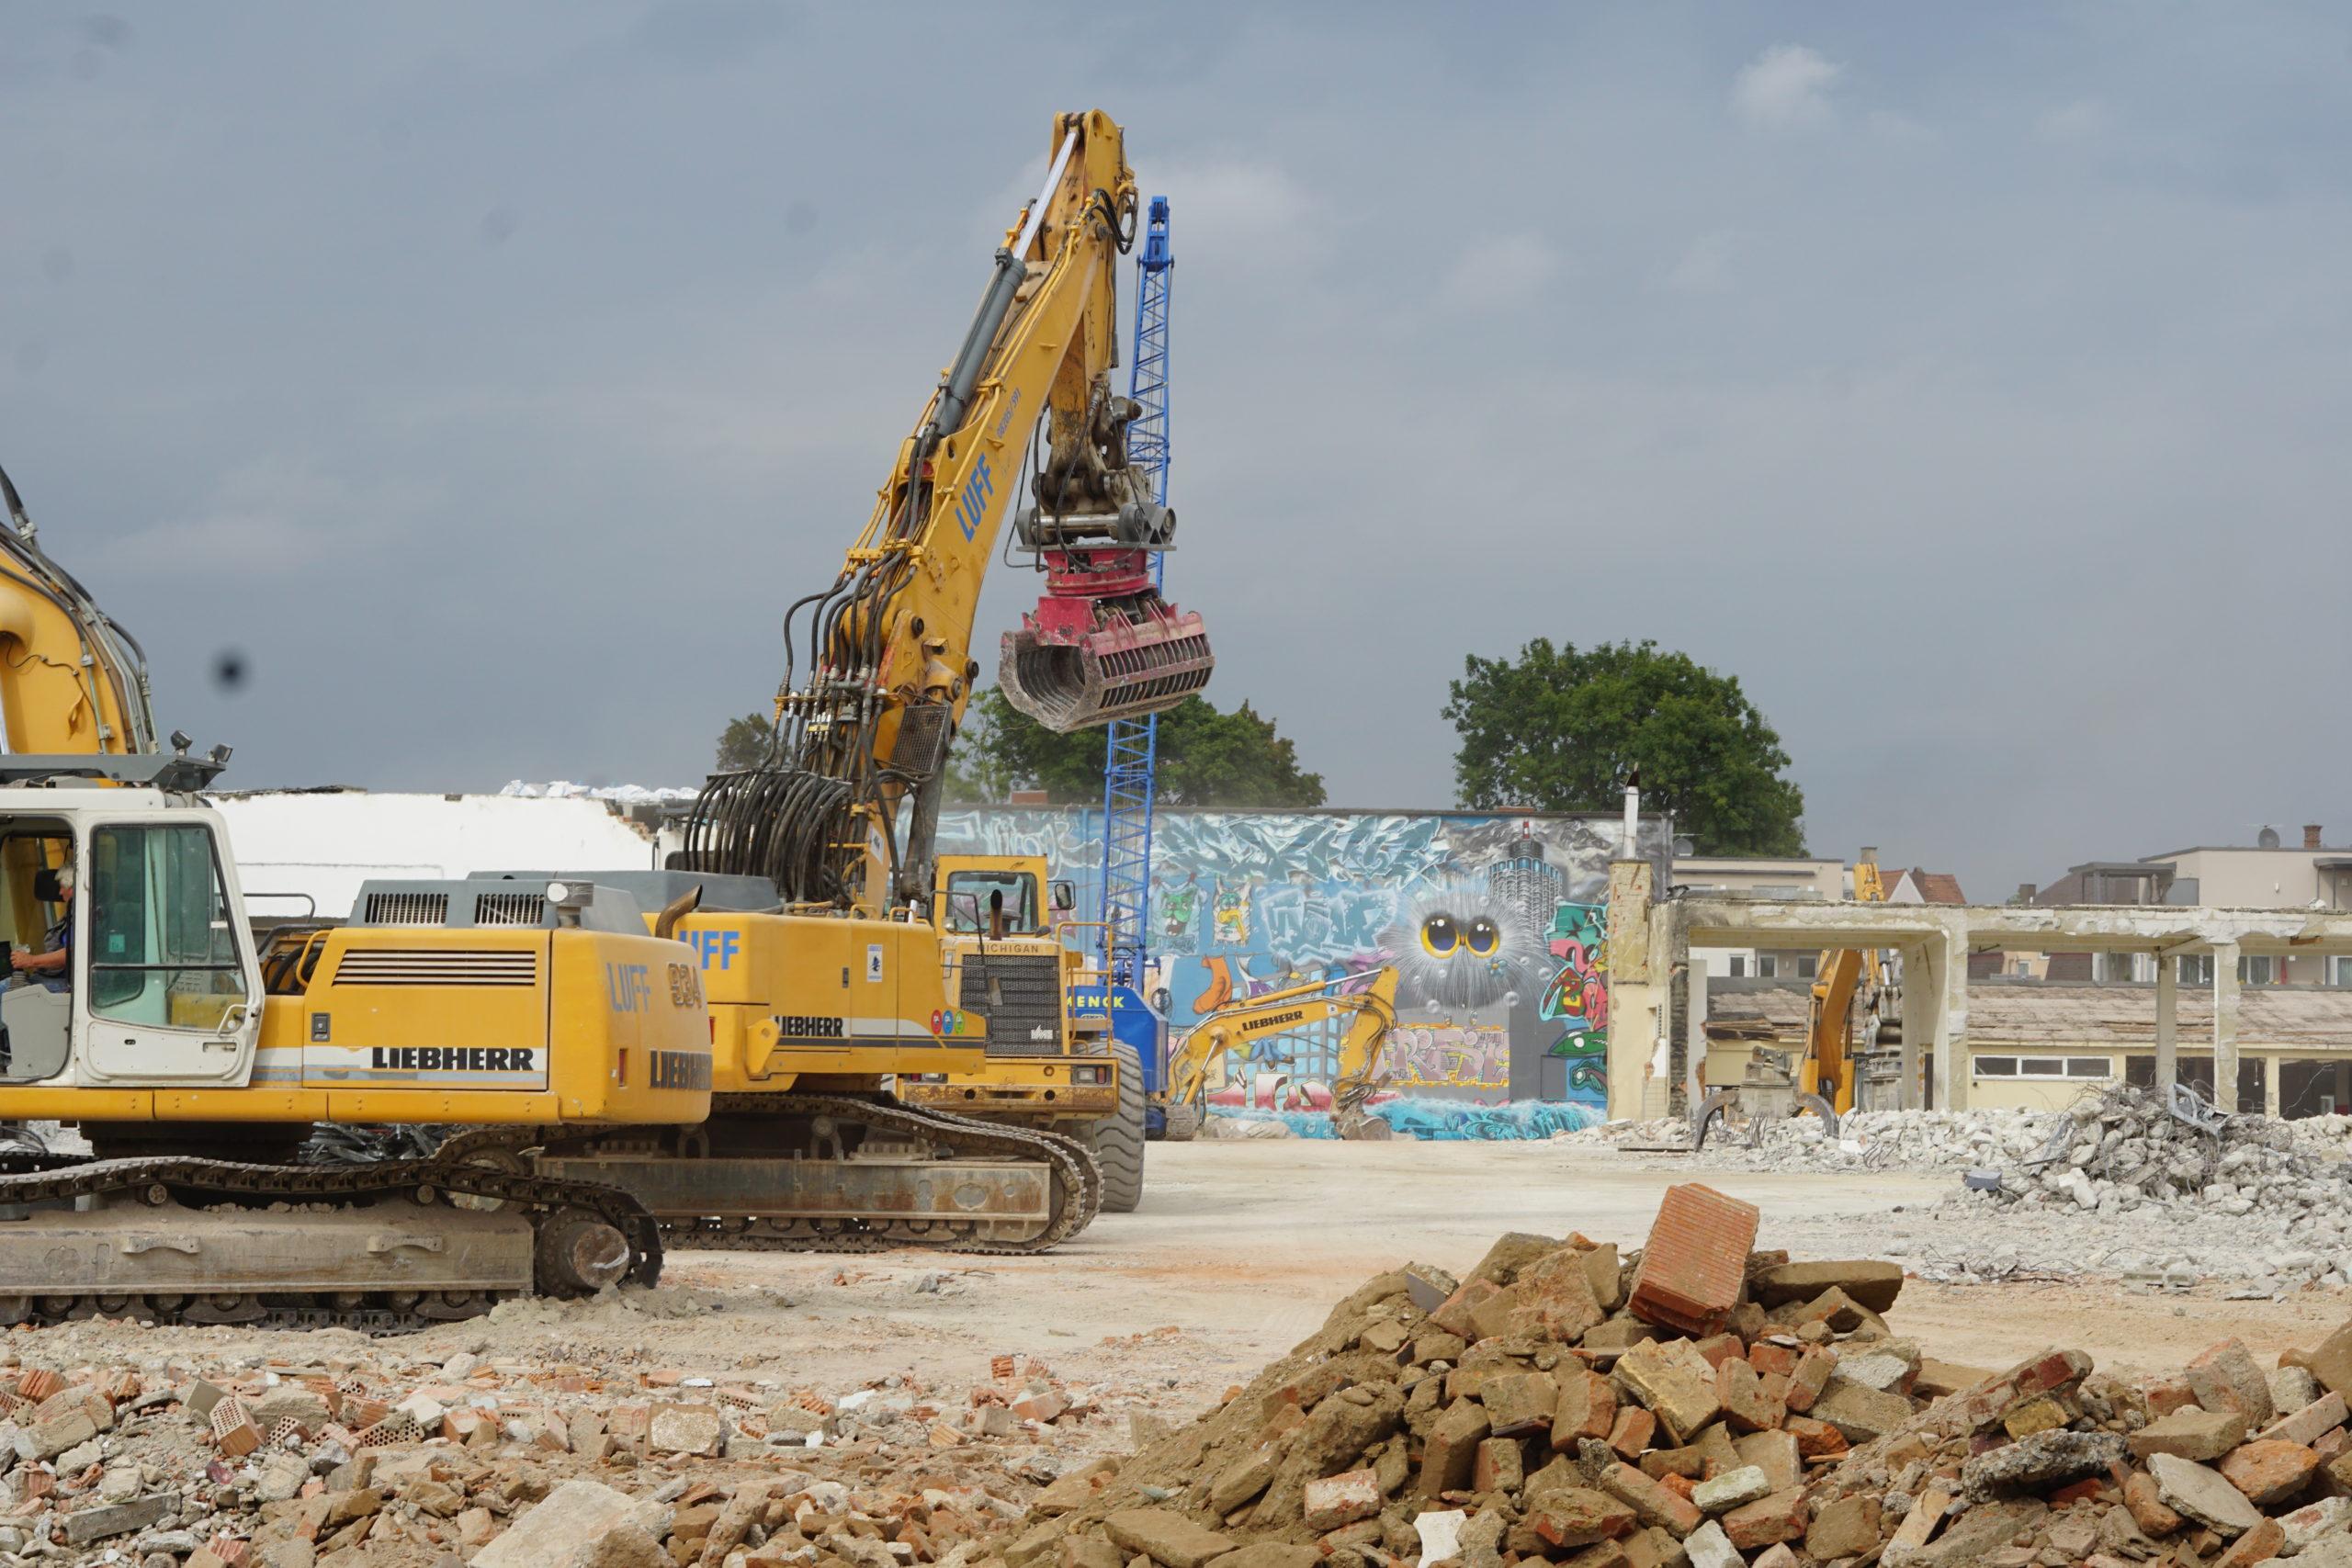 Abbrucharbeiten auf dem Dierig-Areal in Augsburg Pfersee, Sept. 2021